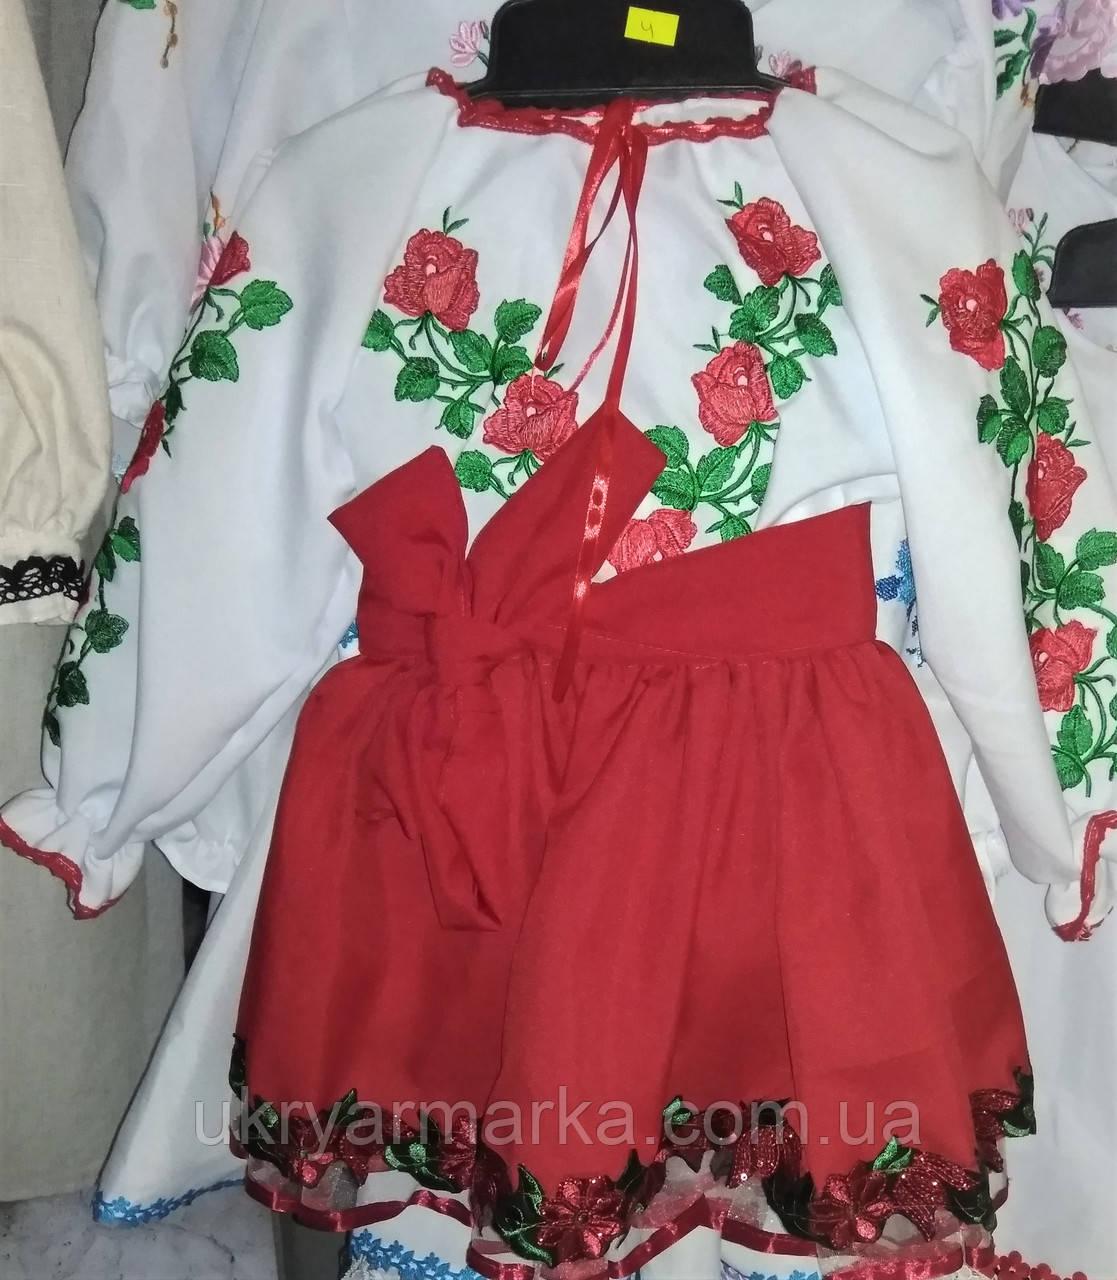 8d2282b6eedd81 Святкове дитяче вишите плаття, фото 2 ...